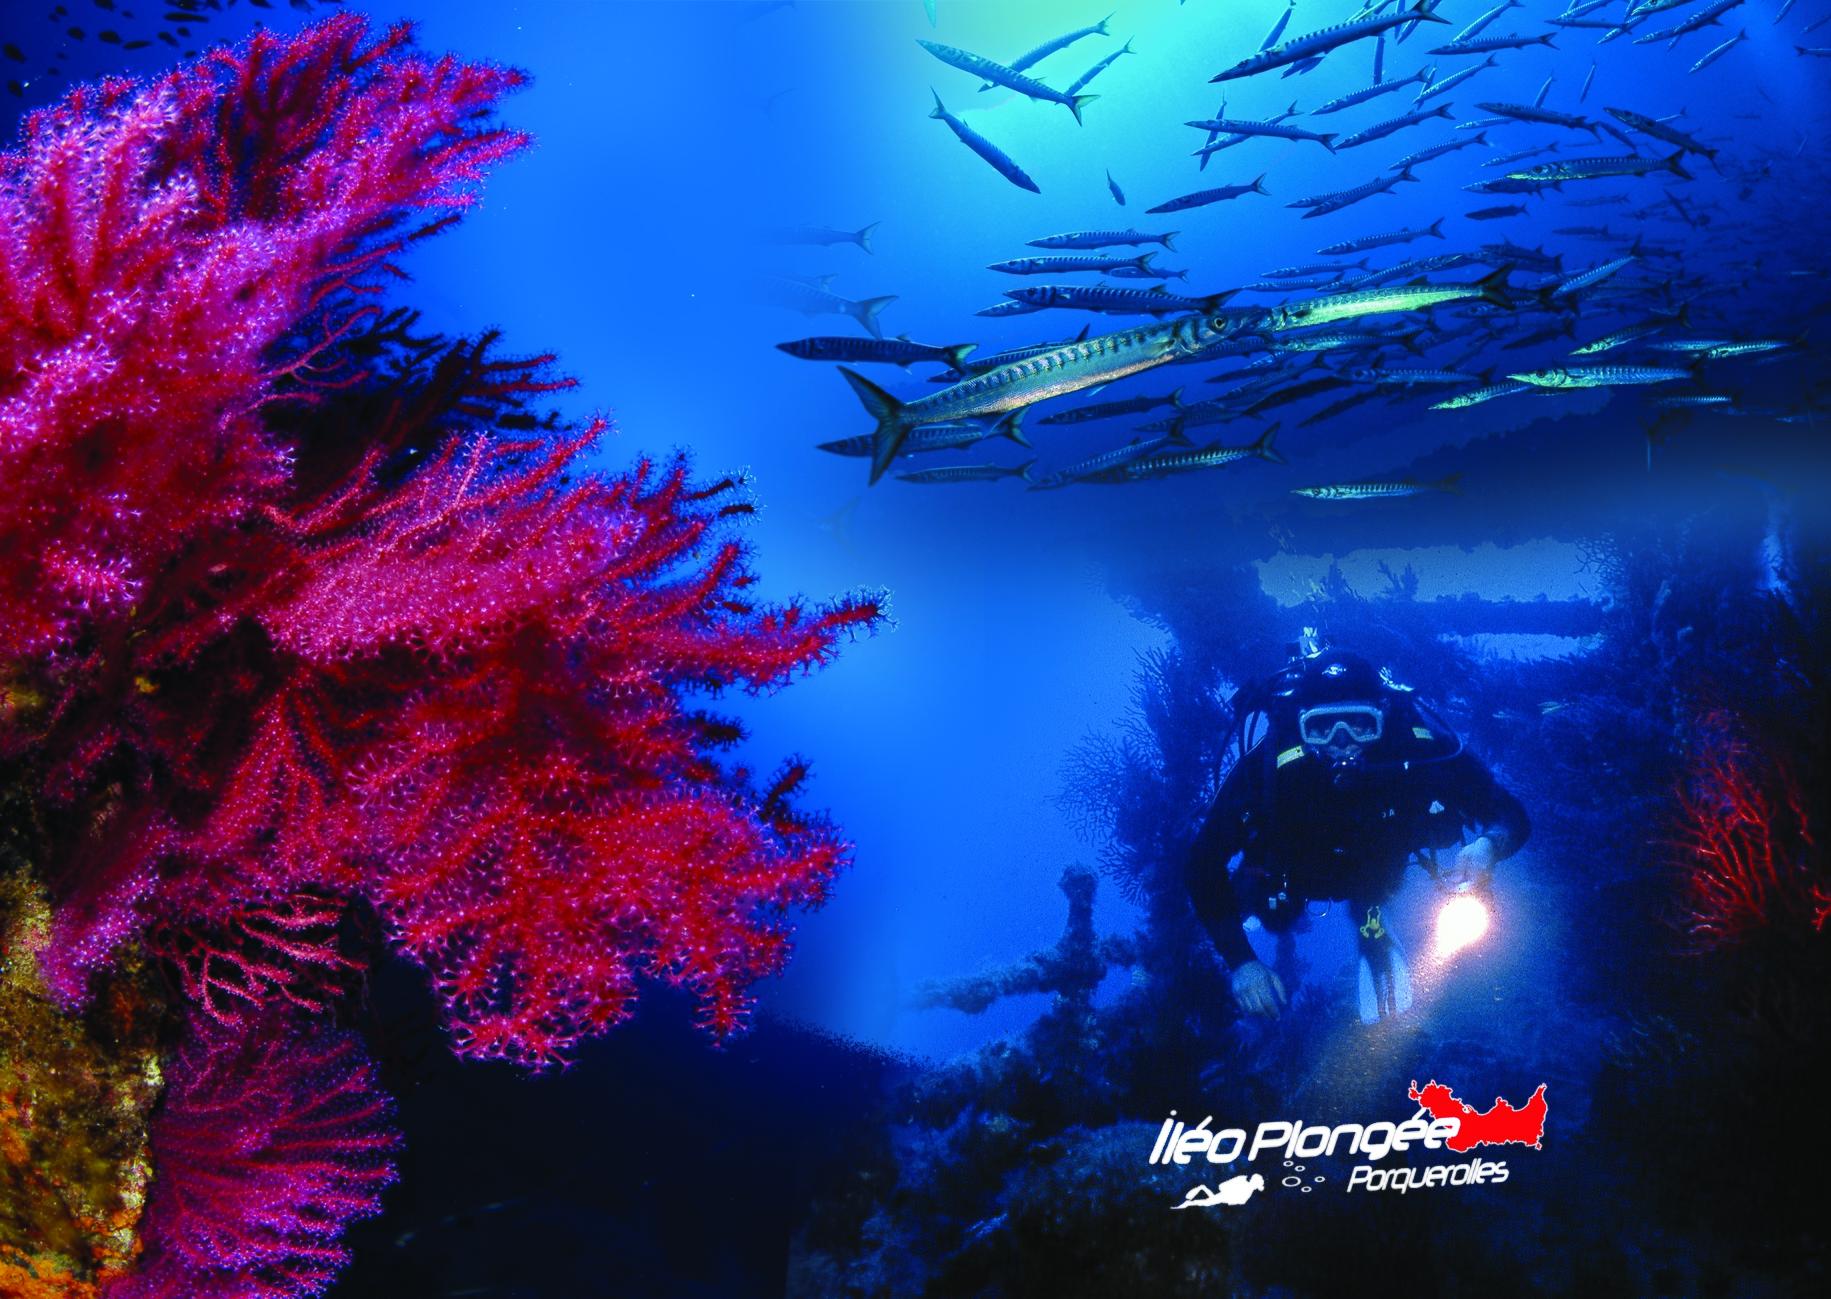 Plongée île Porquerolles Parc national